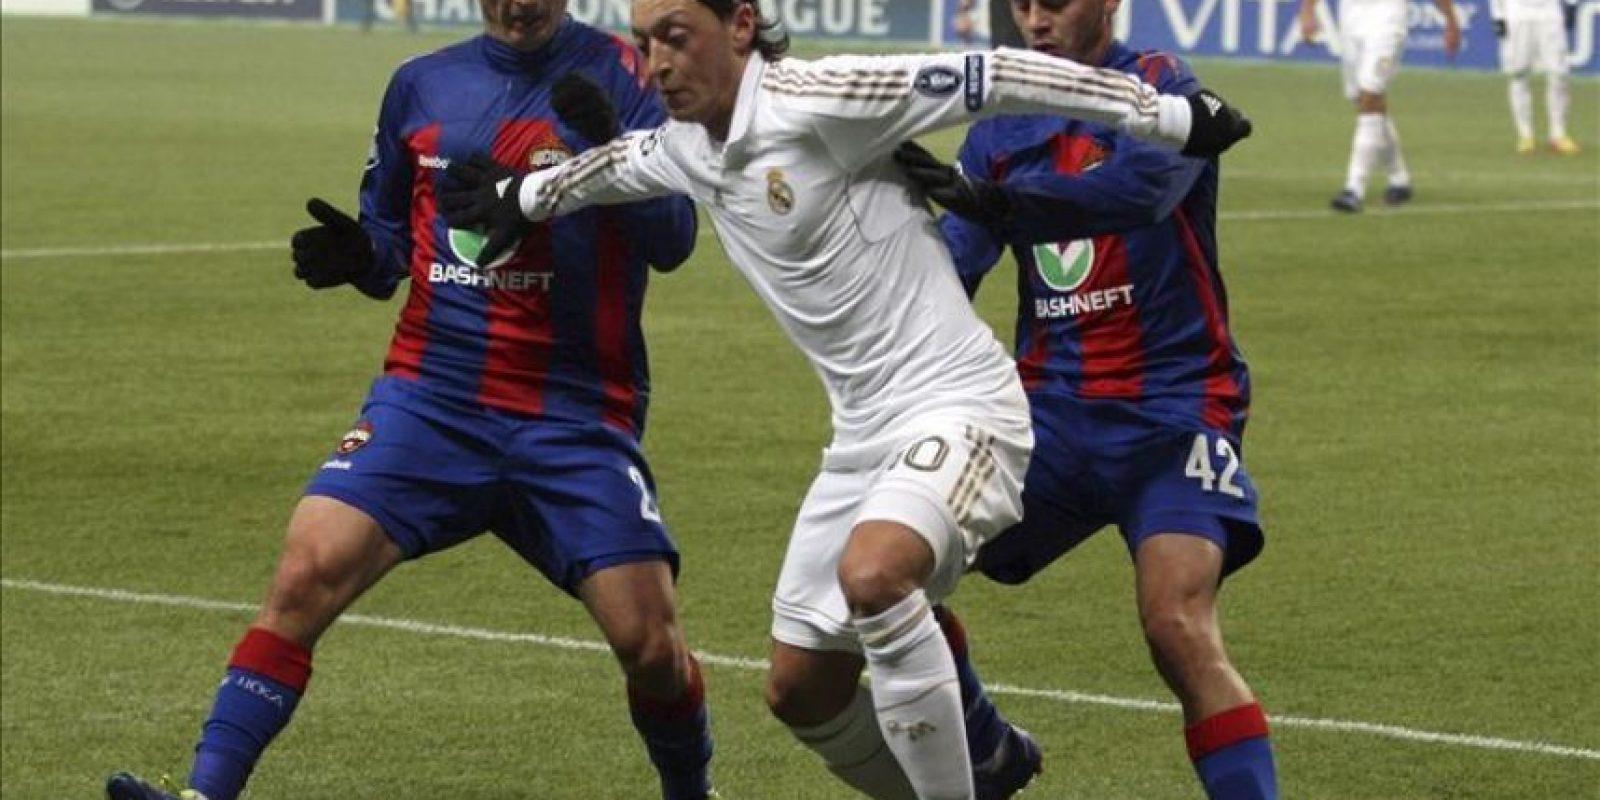 El centrocampista alemán del Real Madrid Mesut Özil (c) controla el balón ante Evgeni Aldonin (i) y Georgi Schennikov (d), del CSKA Moscú, durante el partido de ida de octavos de final de la Liga de Campeones que sus equipos disputaron en Moscú, Rusia. EFE